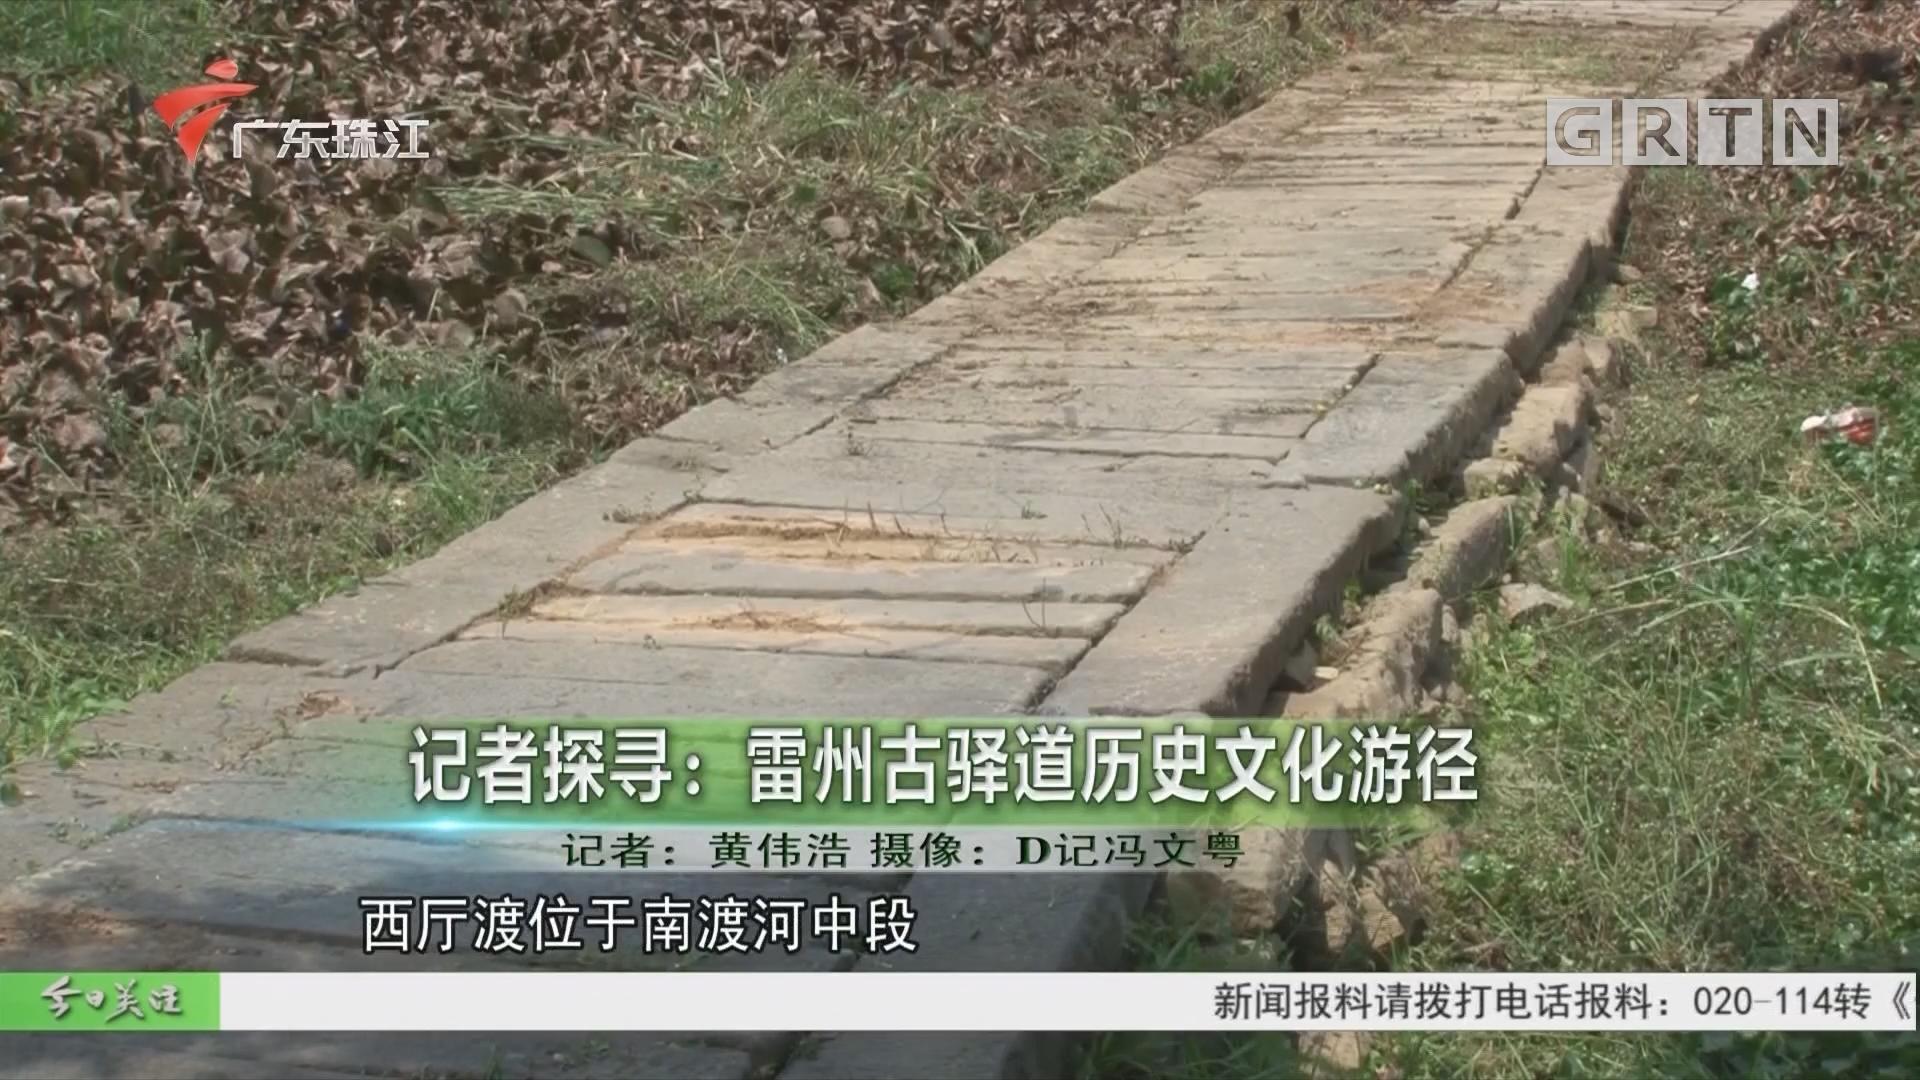 記者探尋:雷州古驛道歷史文化游徑